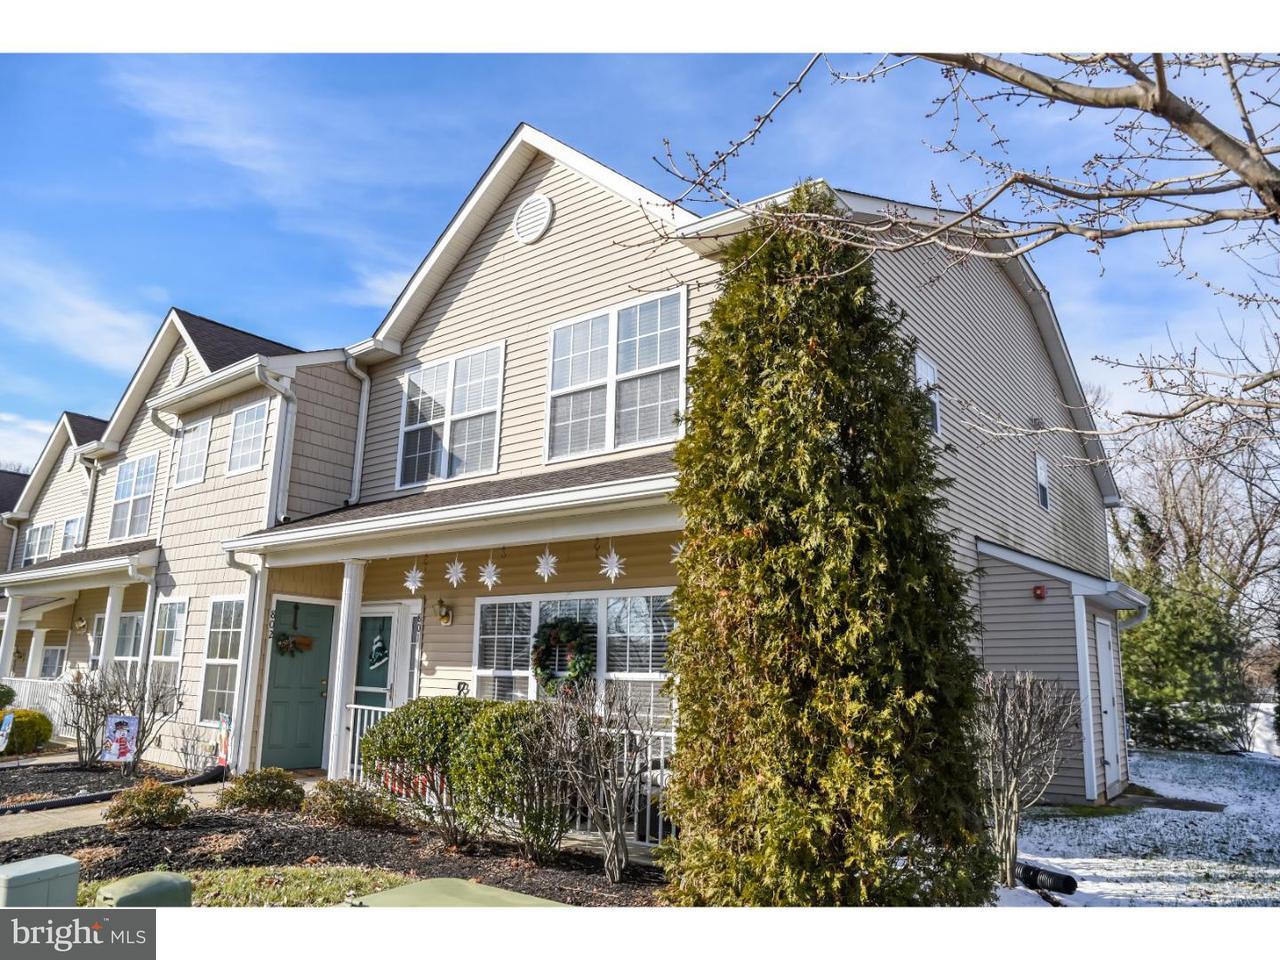 Casa Unifamiliar por un Alquiler en 802 SUNFLOWER WAY Mantua, Nueva Jersey 08051 Estados Unidos